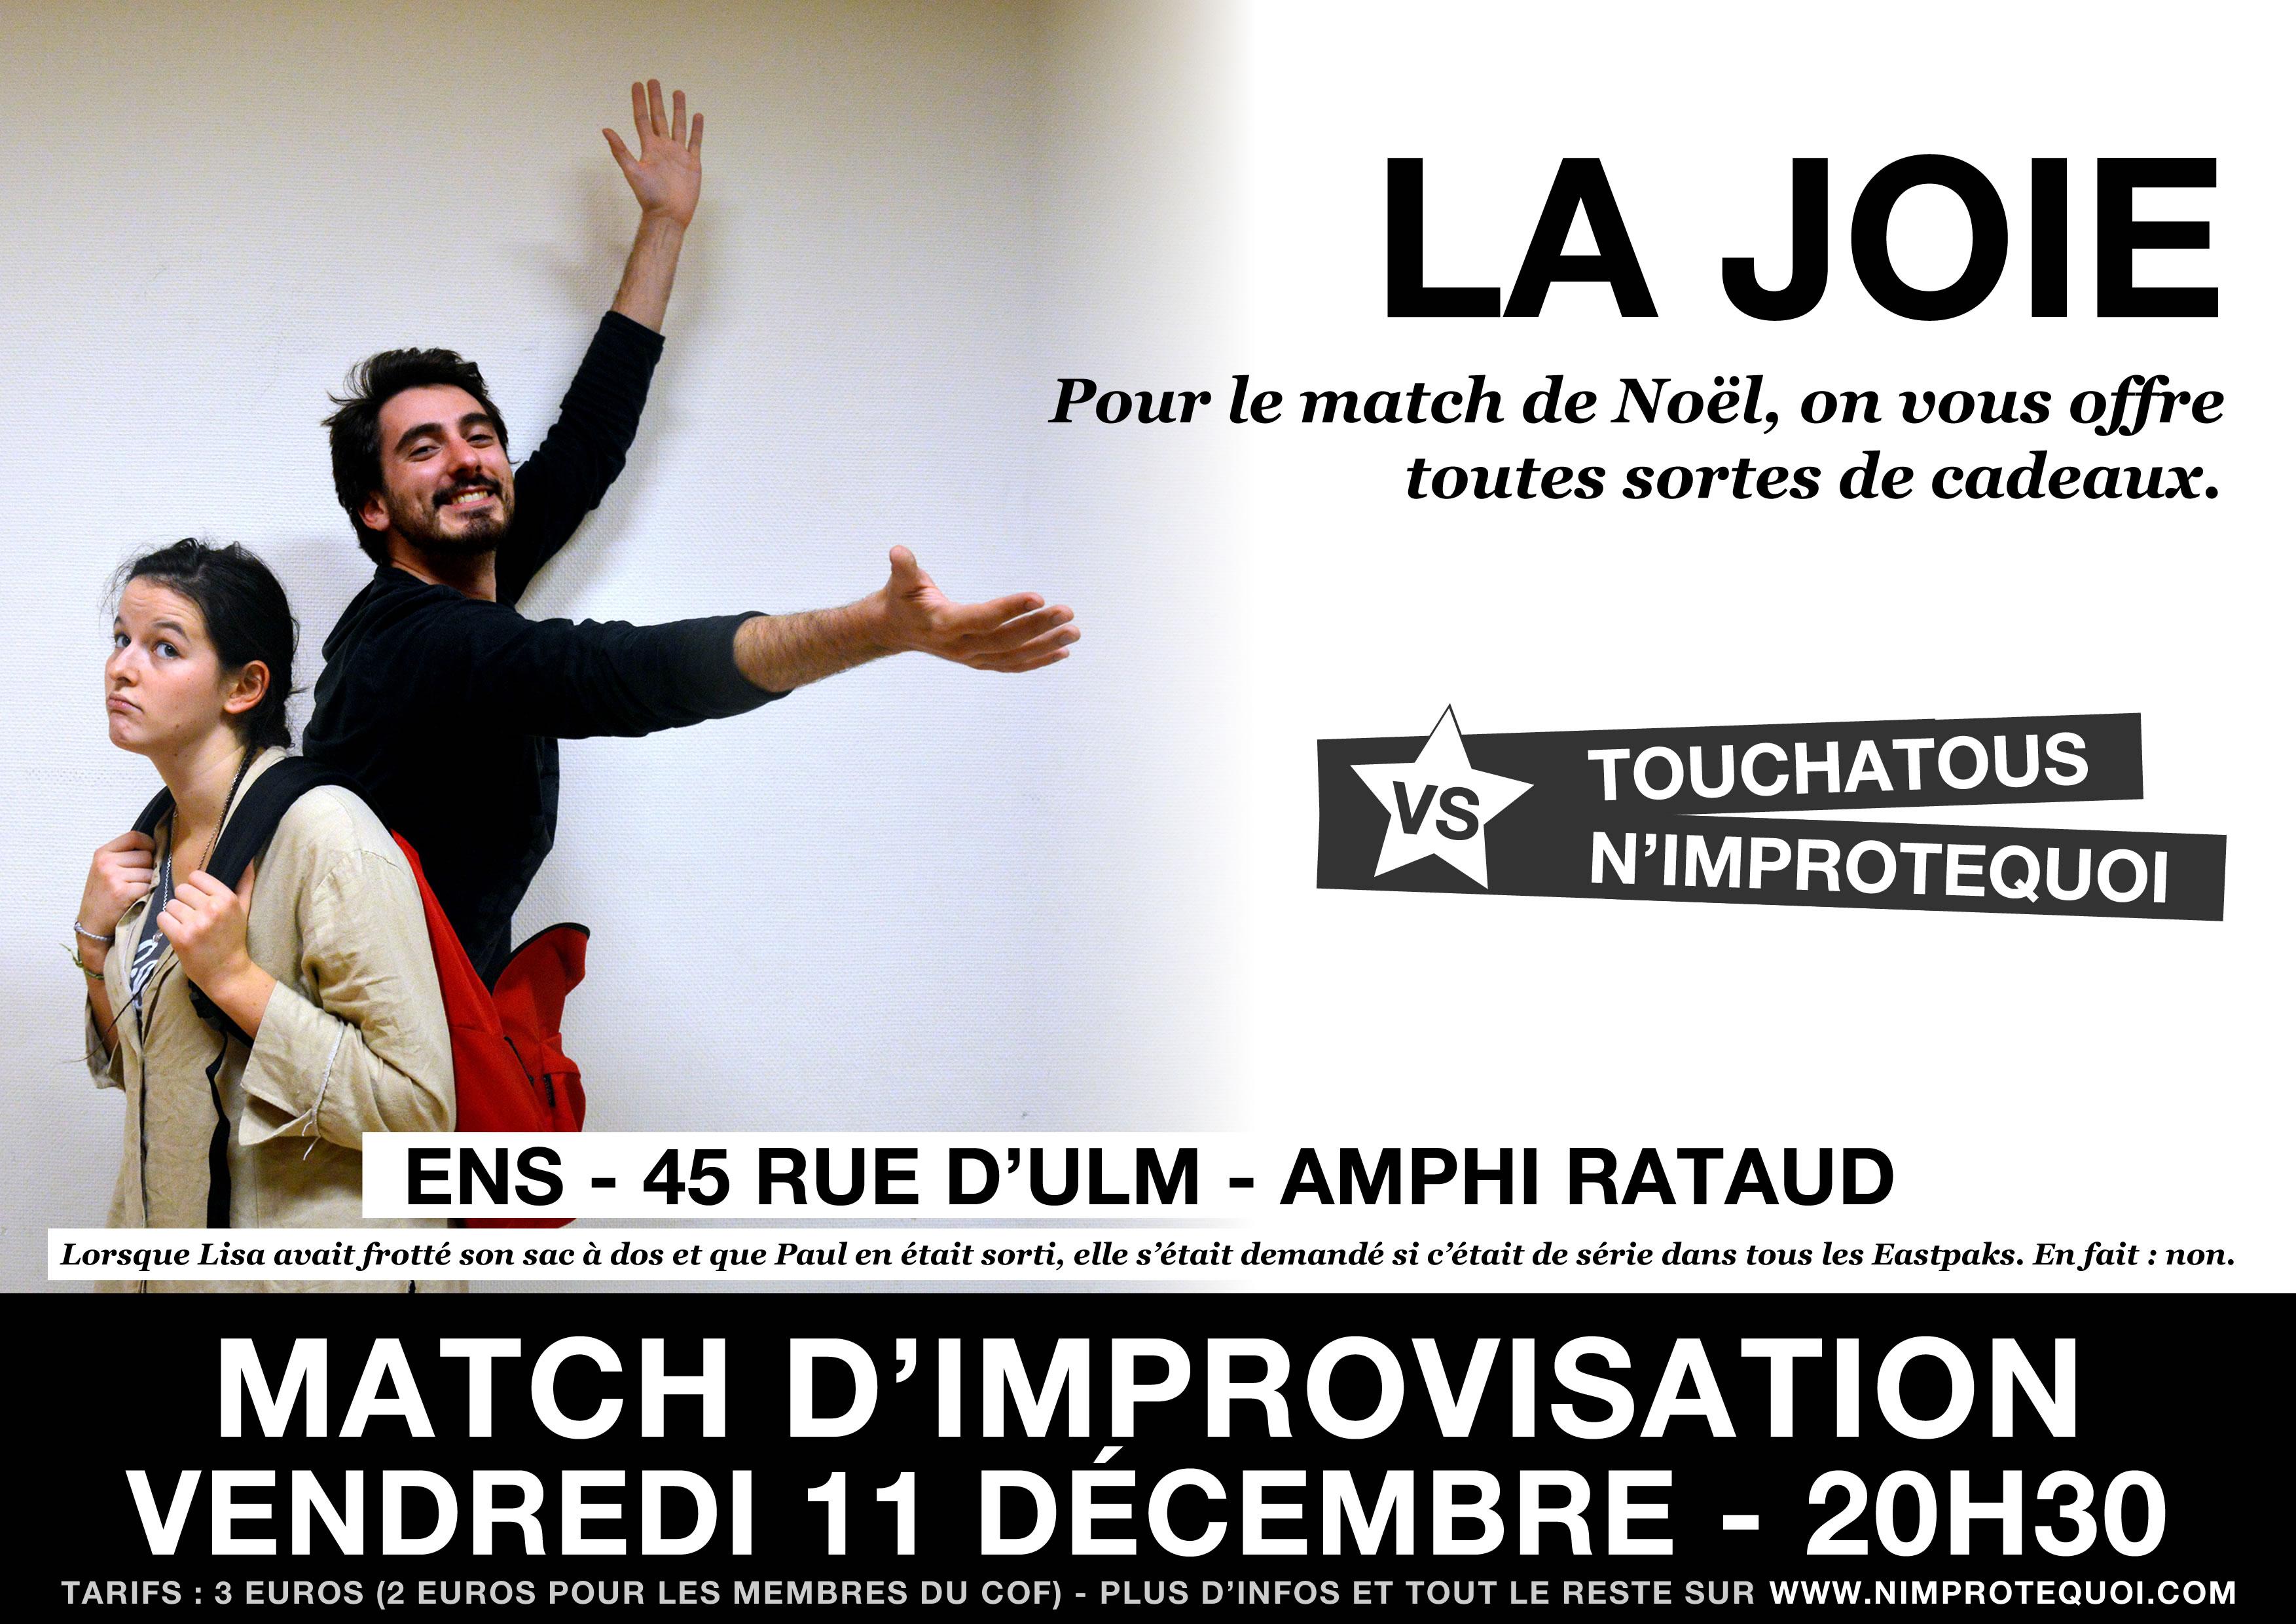 399c8ebefcf7c Match d improvisation vendredi 11 décembre N Improtequoi vs Touchatous